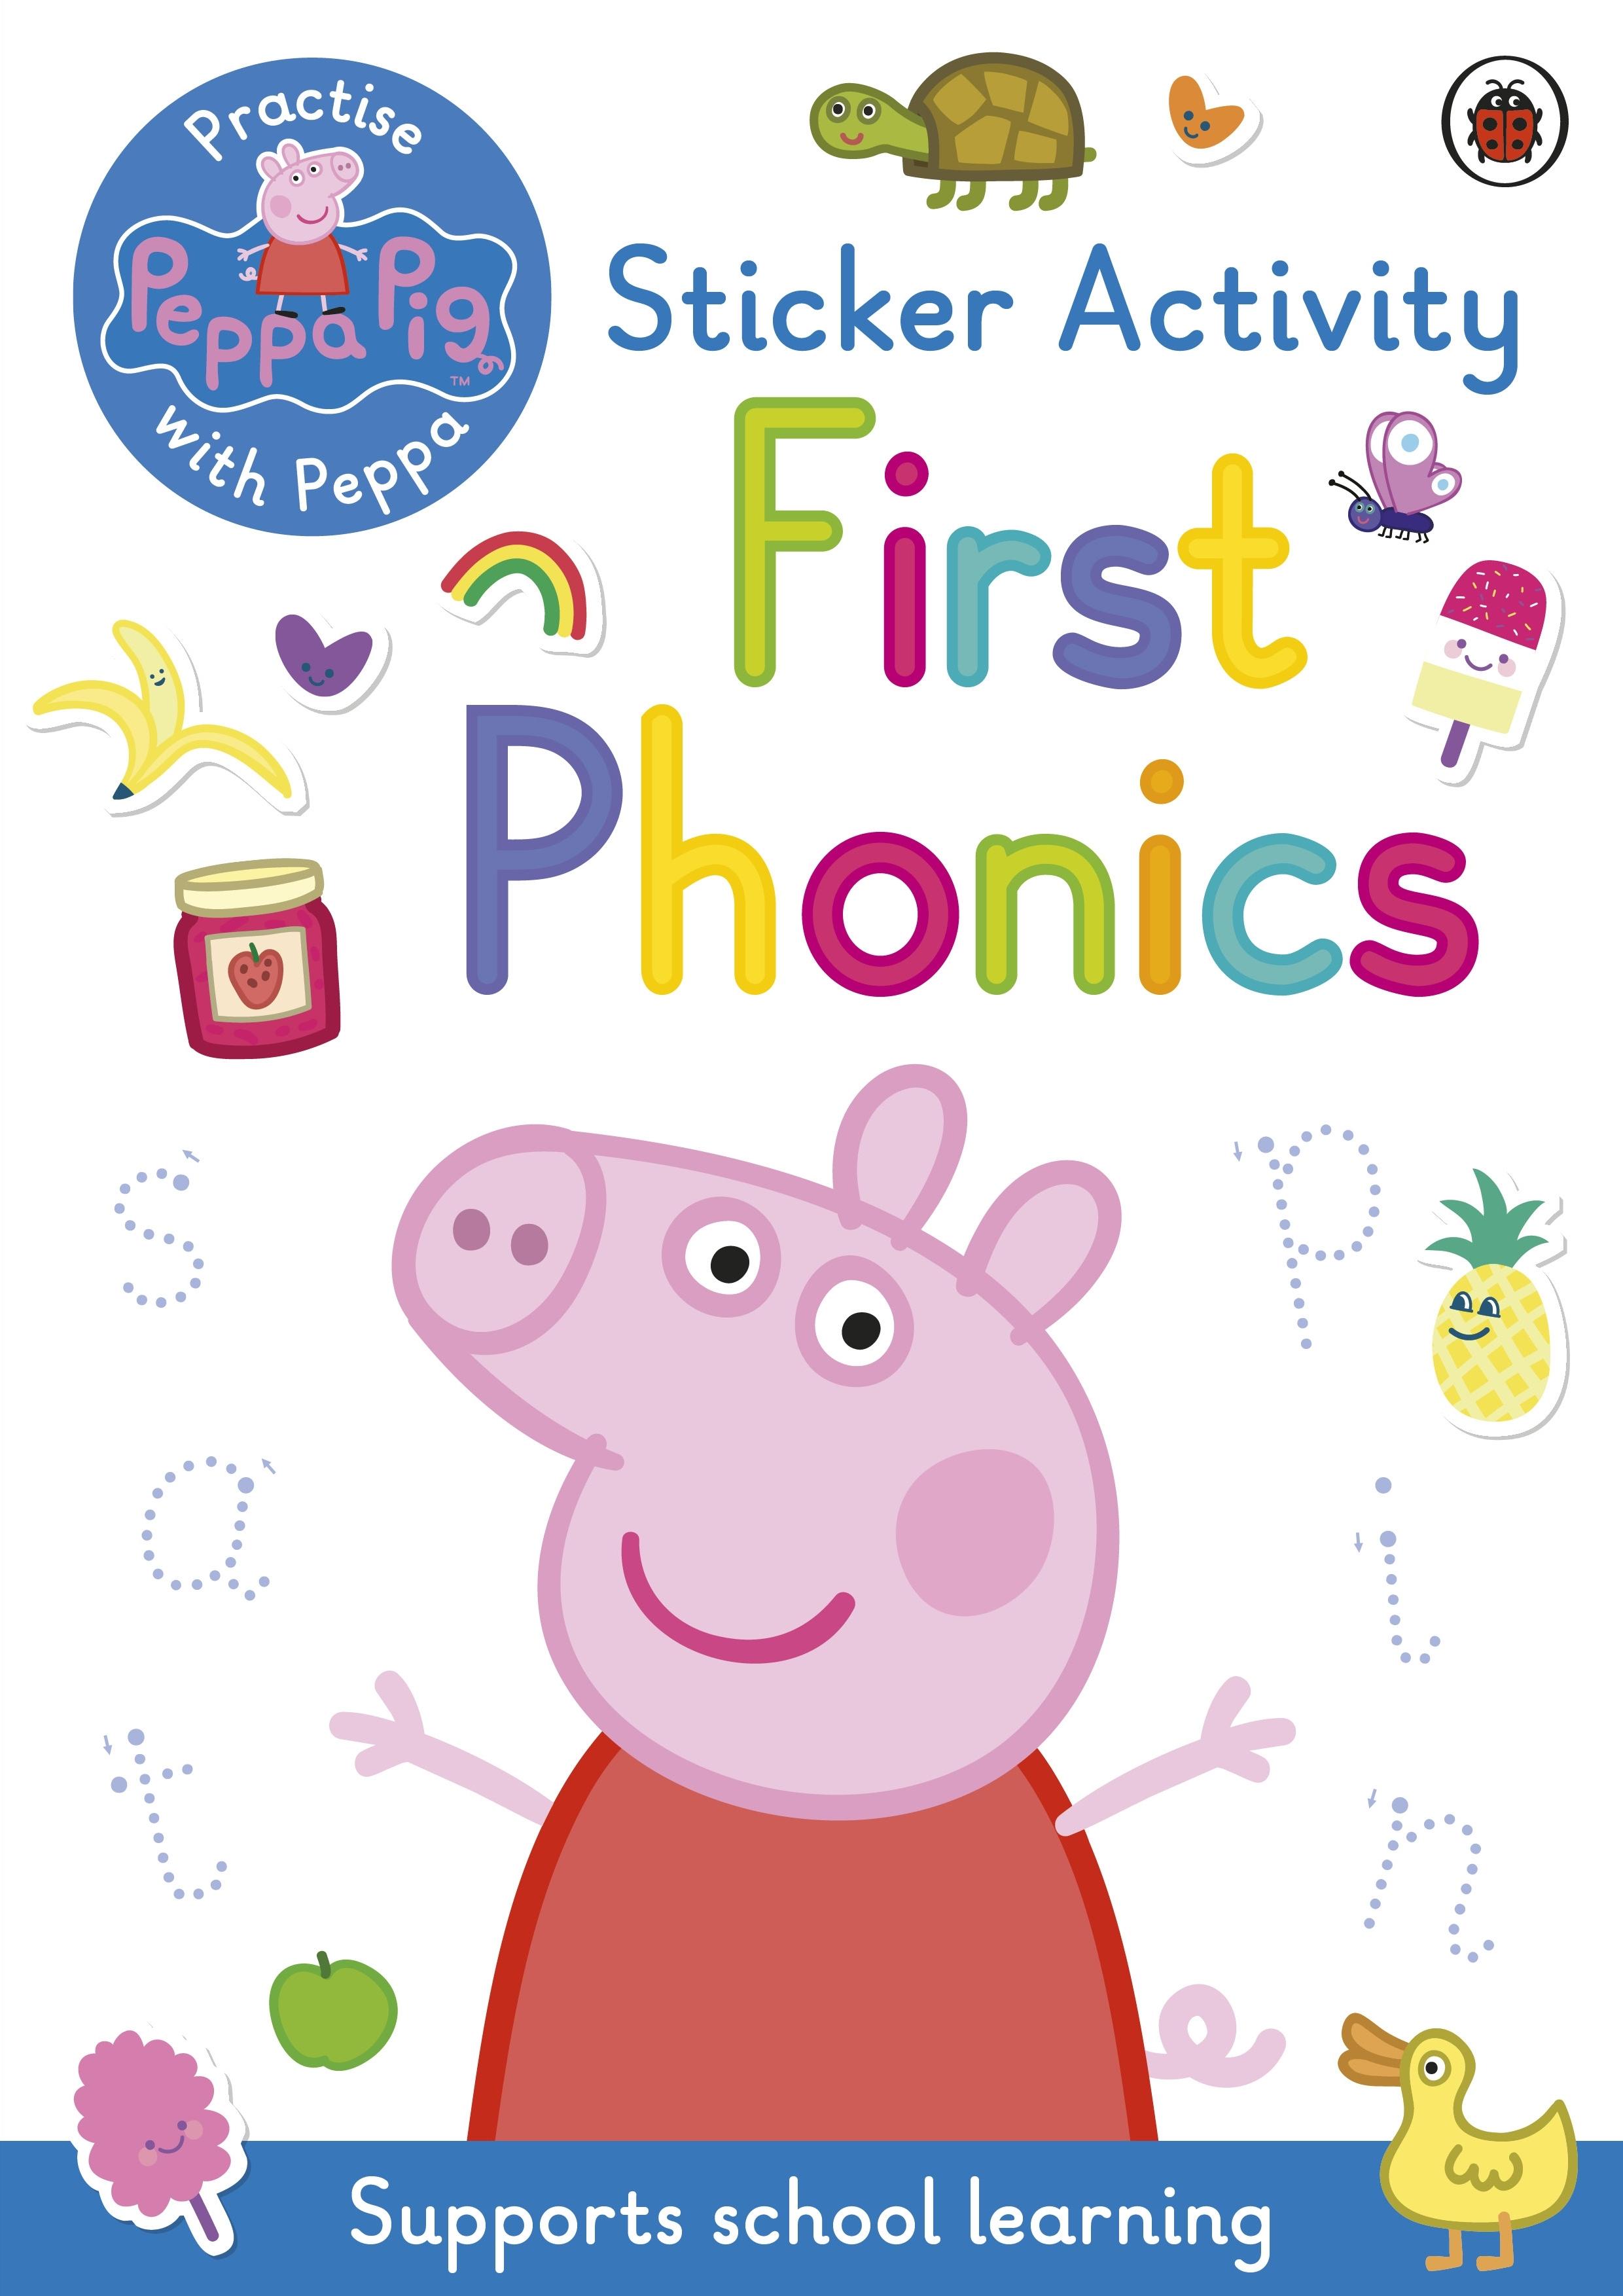 Peppa Pig: First Phonics